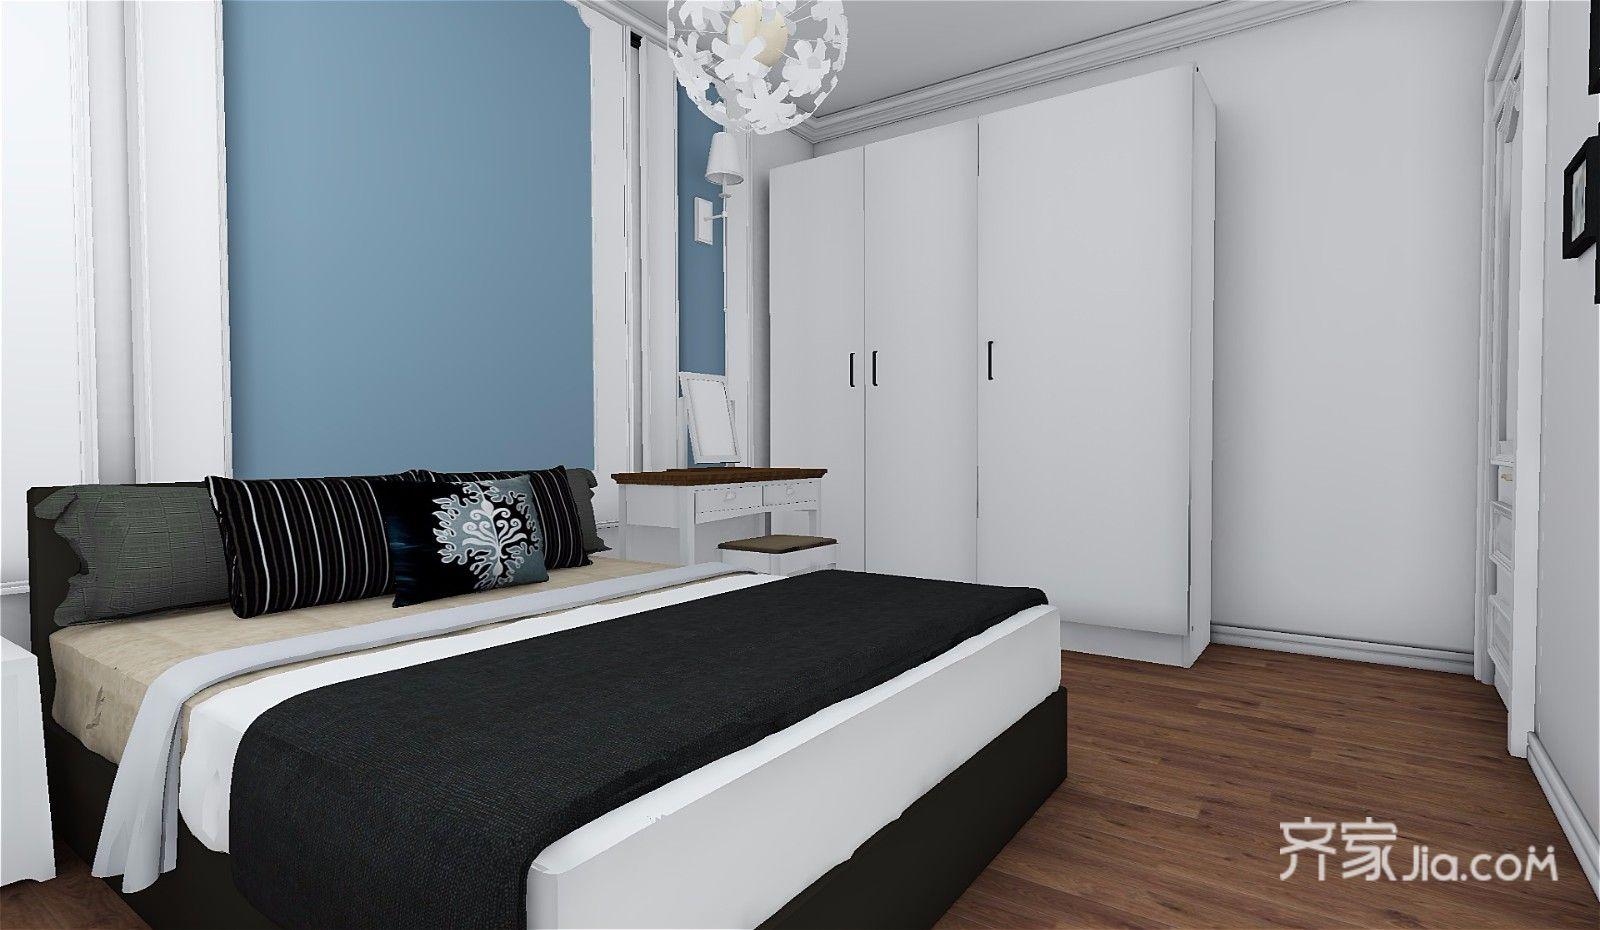 73平简约三居室装修床头背景墙设计效果图